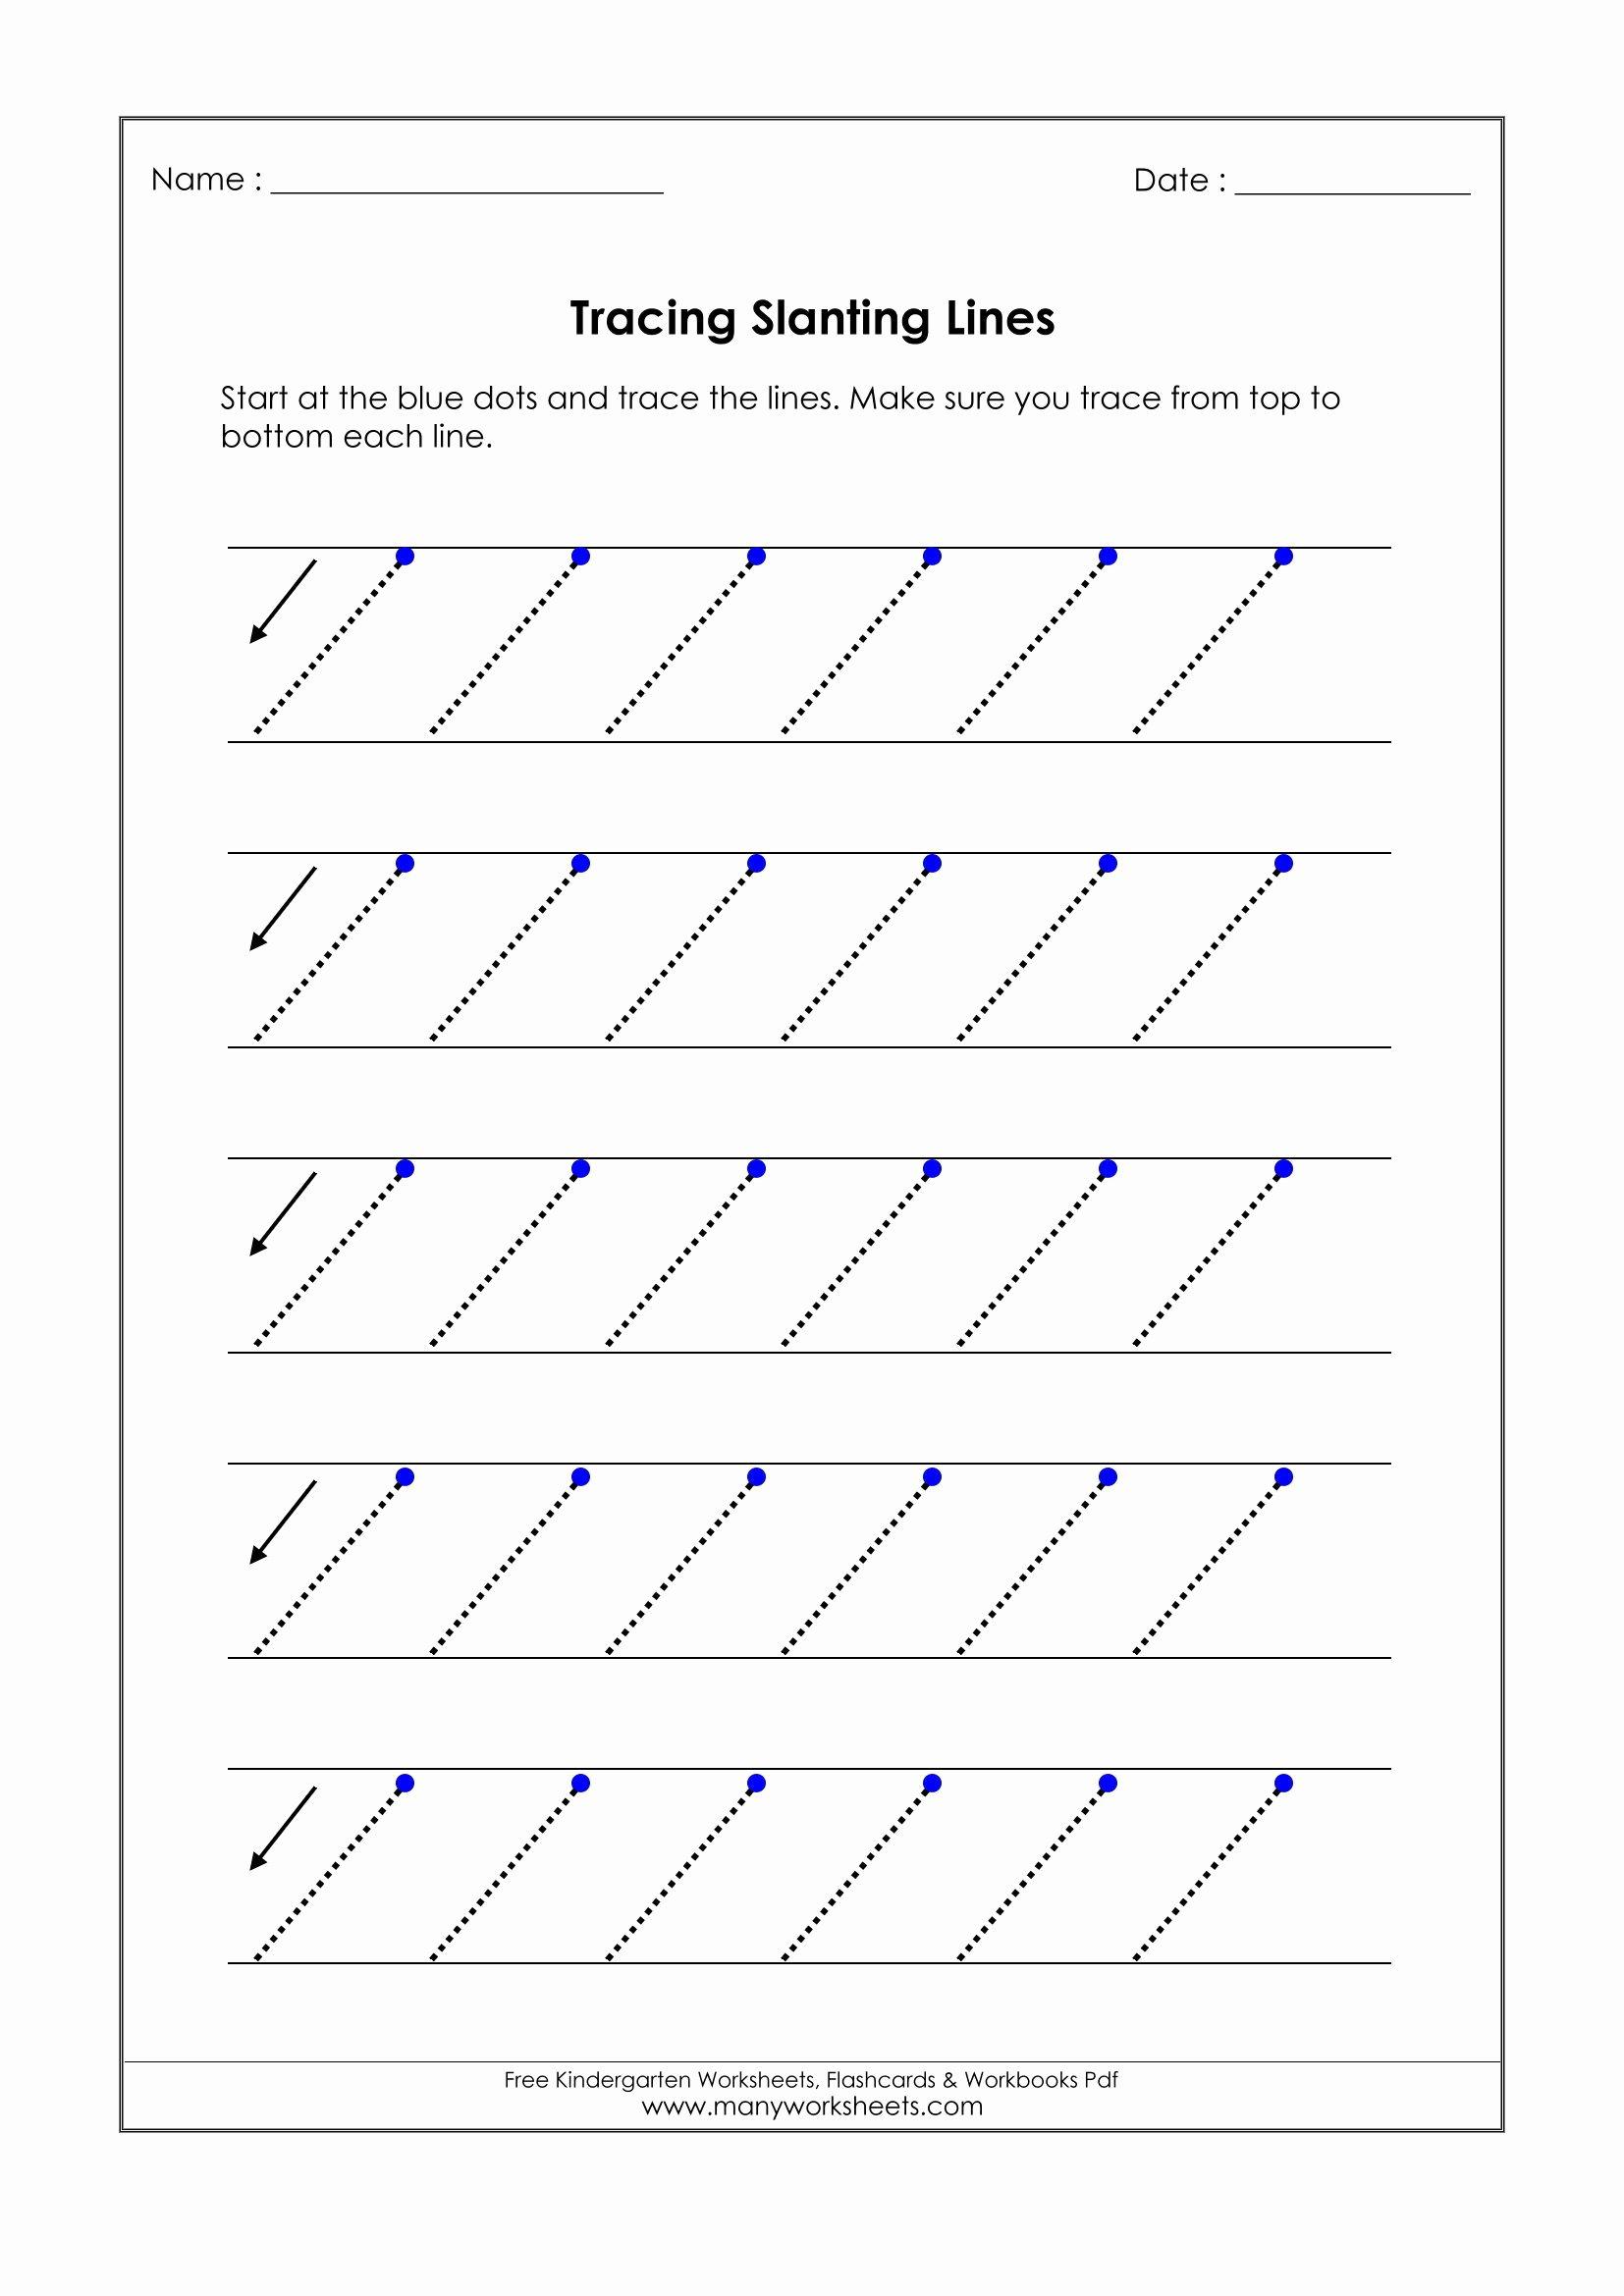 Slanting Lines Worksheets For Preschoolers